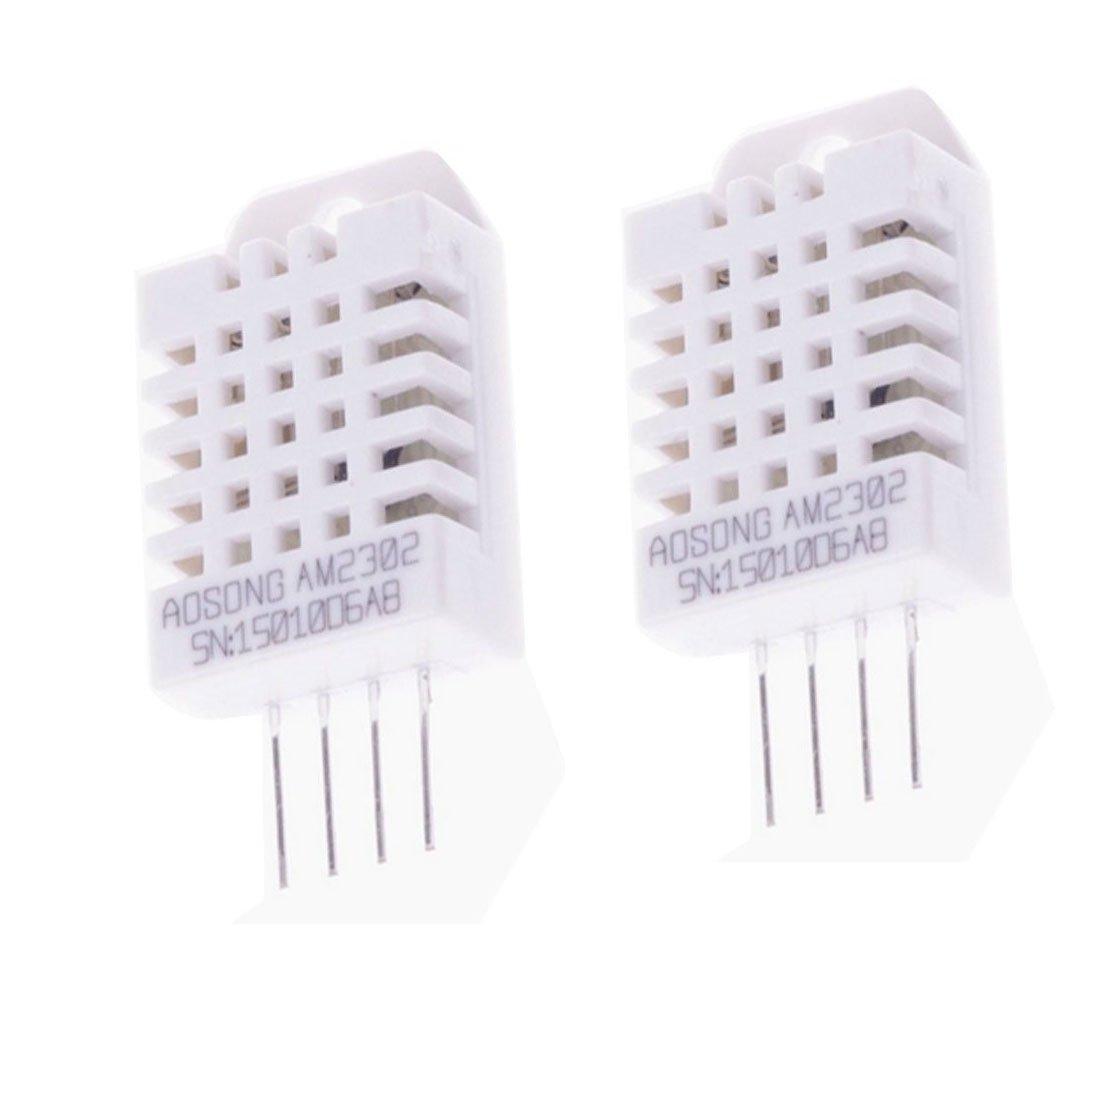 AM2302 DHT22 Digital Temperature and Humidity Measurement Sensor